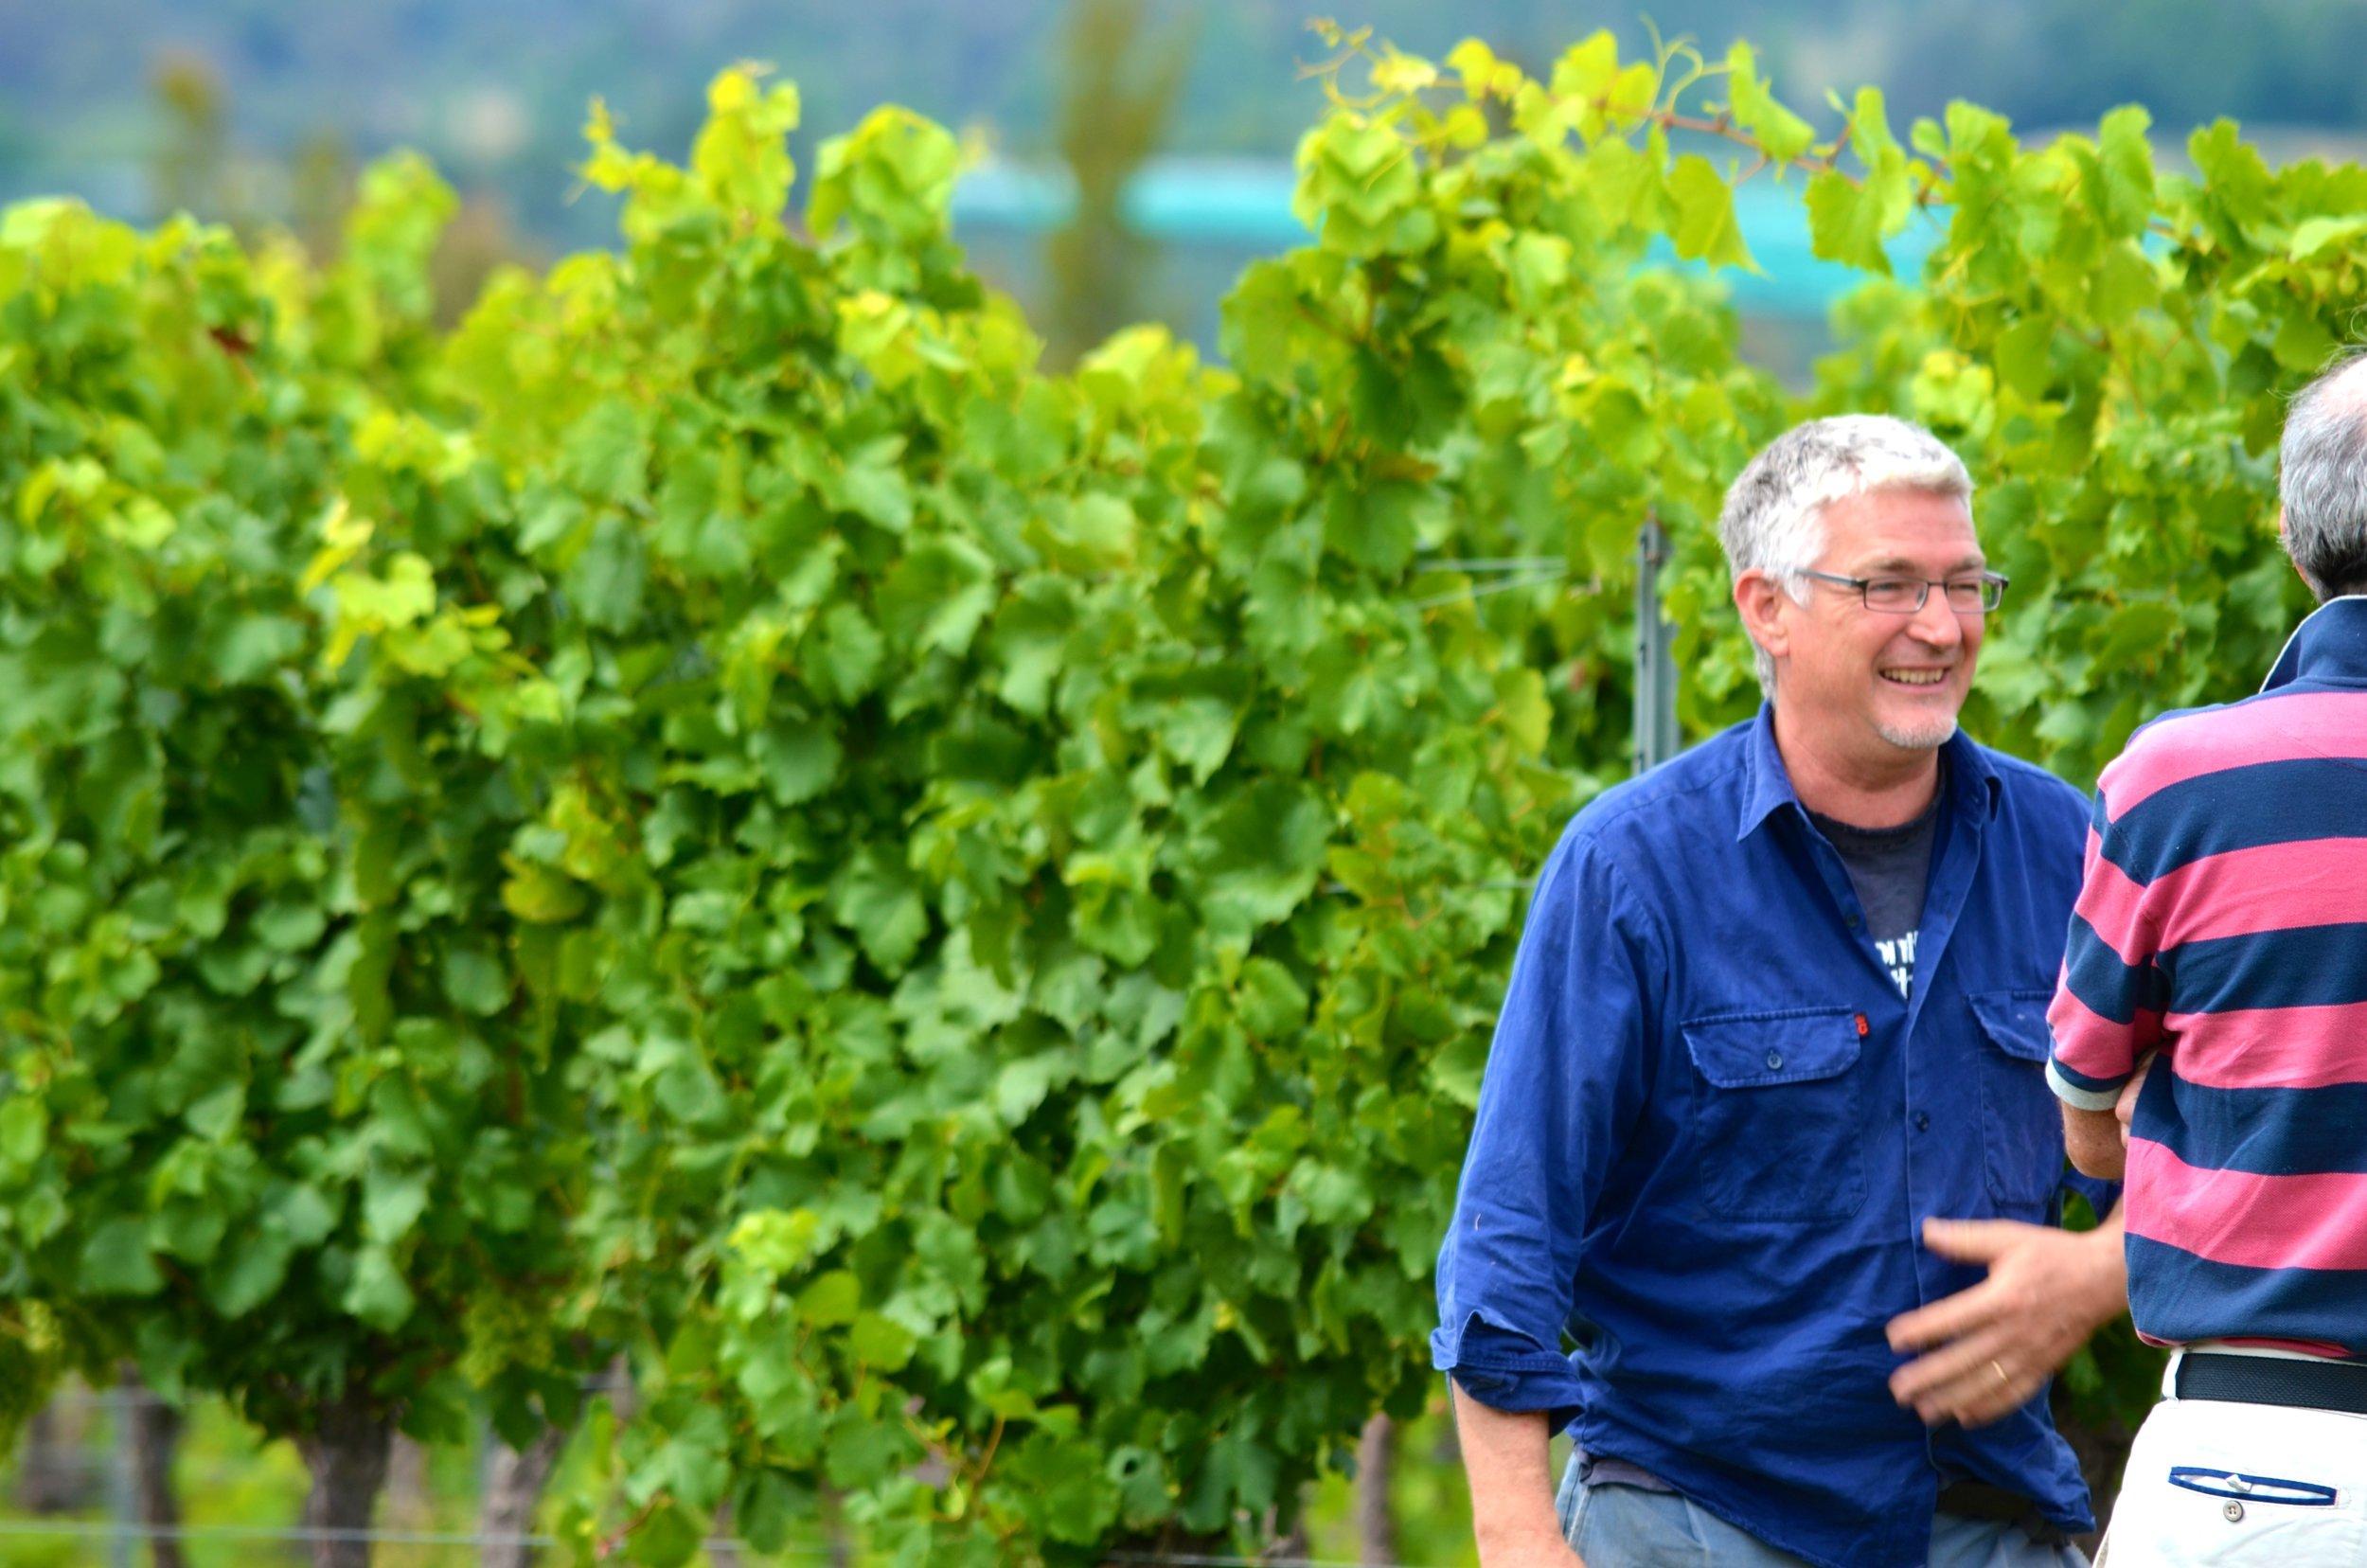 Winemaker Charlie Svenson